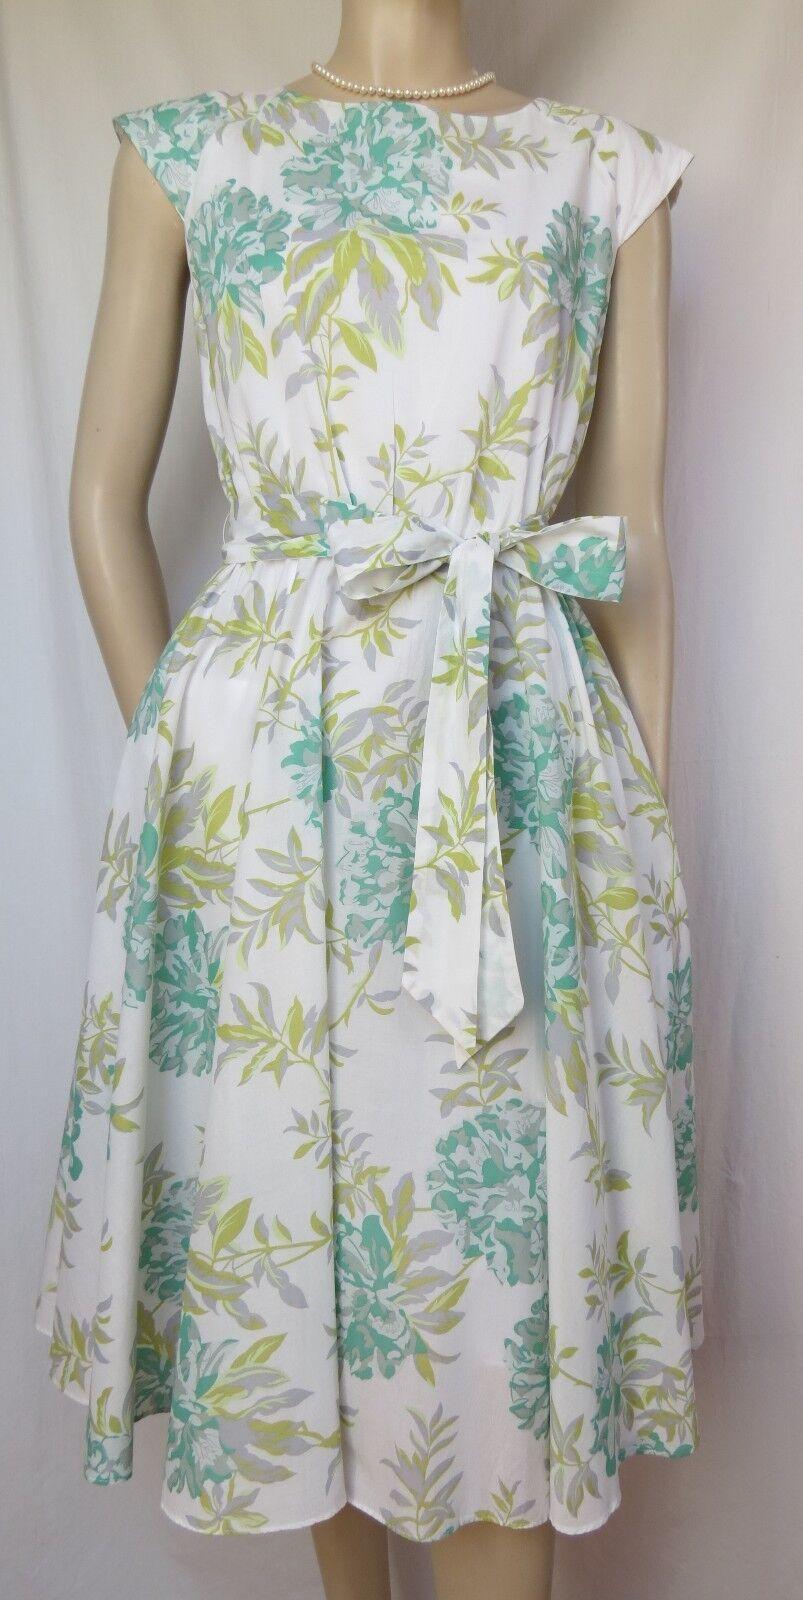 Laura Ashley Sommerkleid 38 kl. 40 Hochzeit weiß grün mint Blaumen Baumwolle